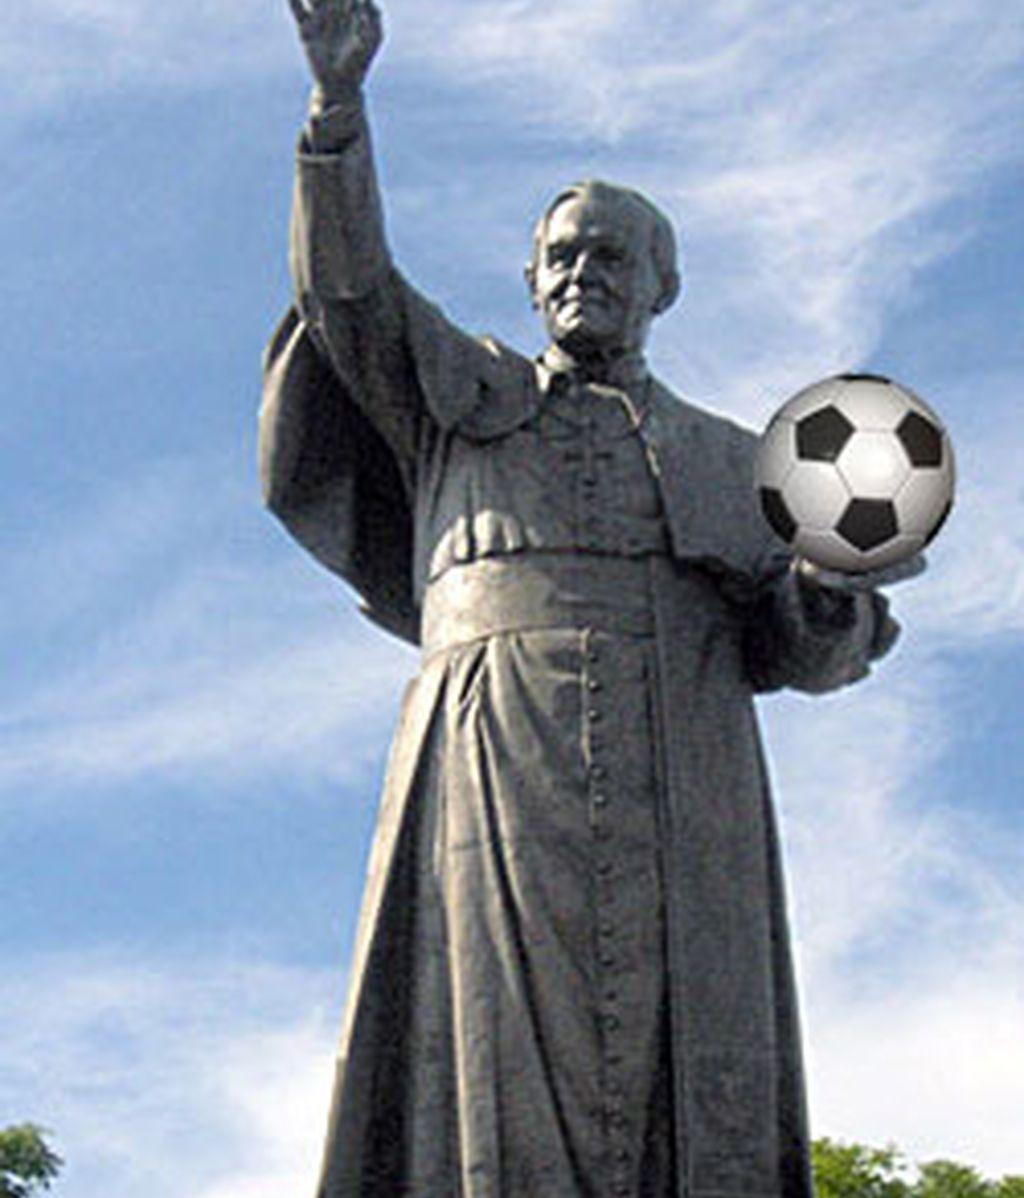 Estatua del Papa Juan Pablo II en un parque de Polonia. Montaje de InformativosTelecinco.com